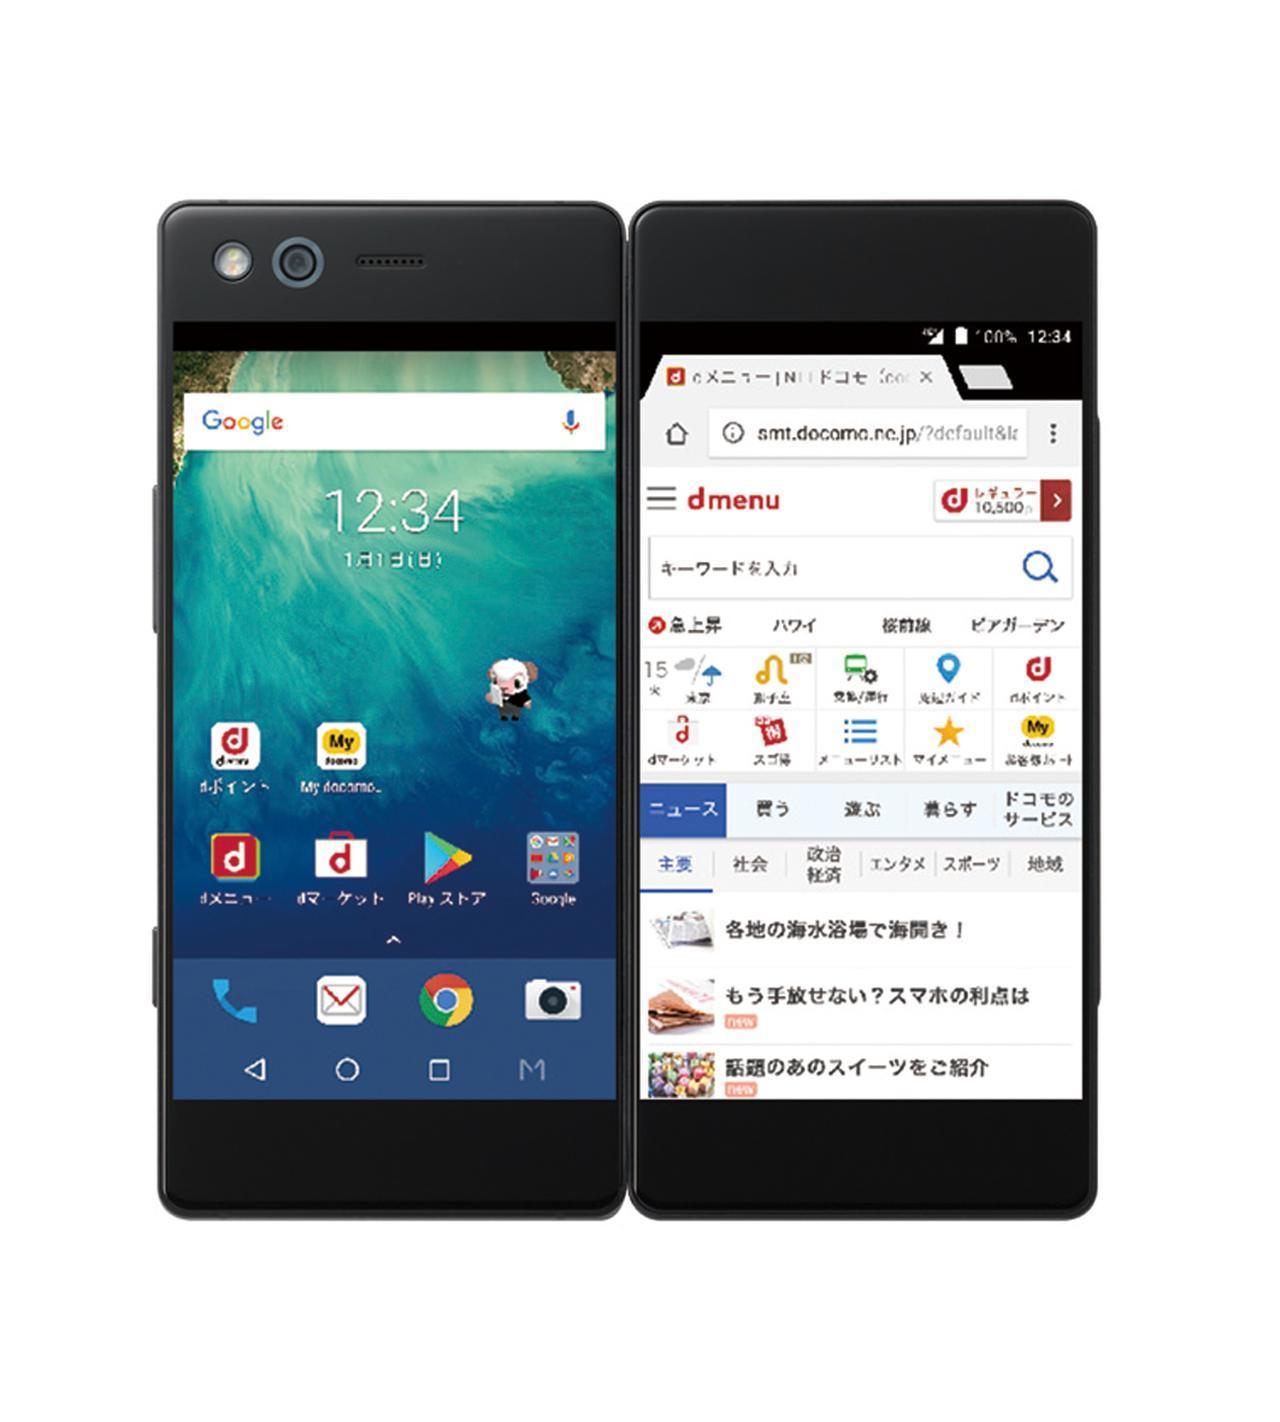 画像: 左右の画面で別々のアプリを表示するなど、四つのモードを使い分けることが可能。